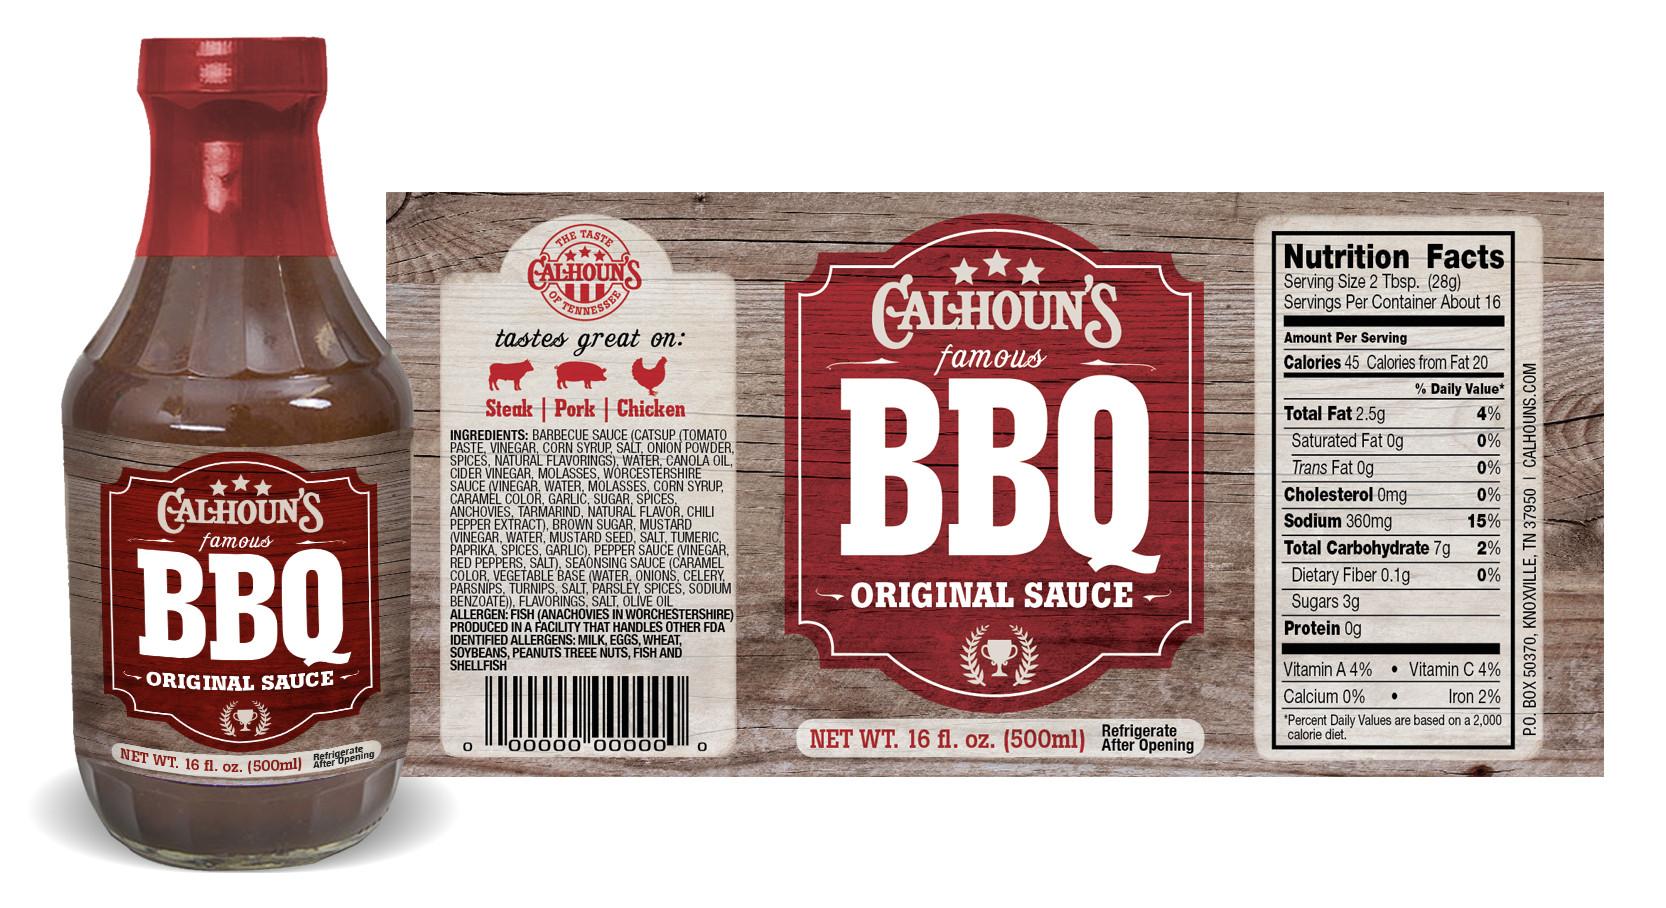 calhouns sauce labels